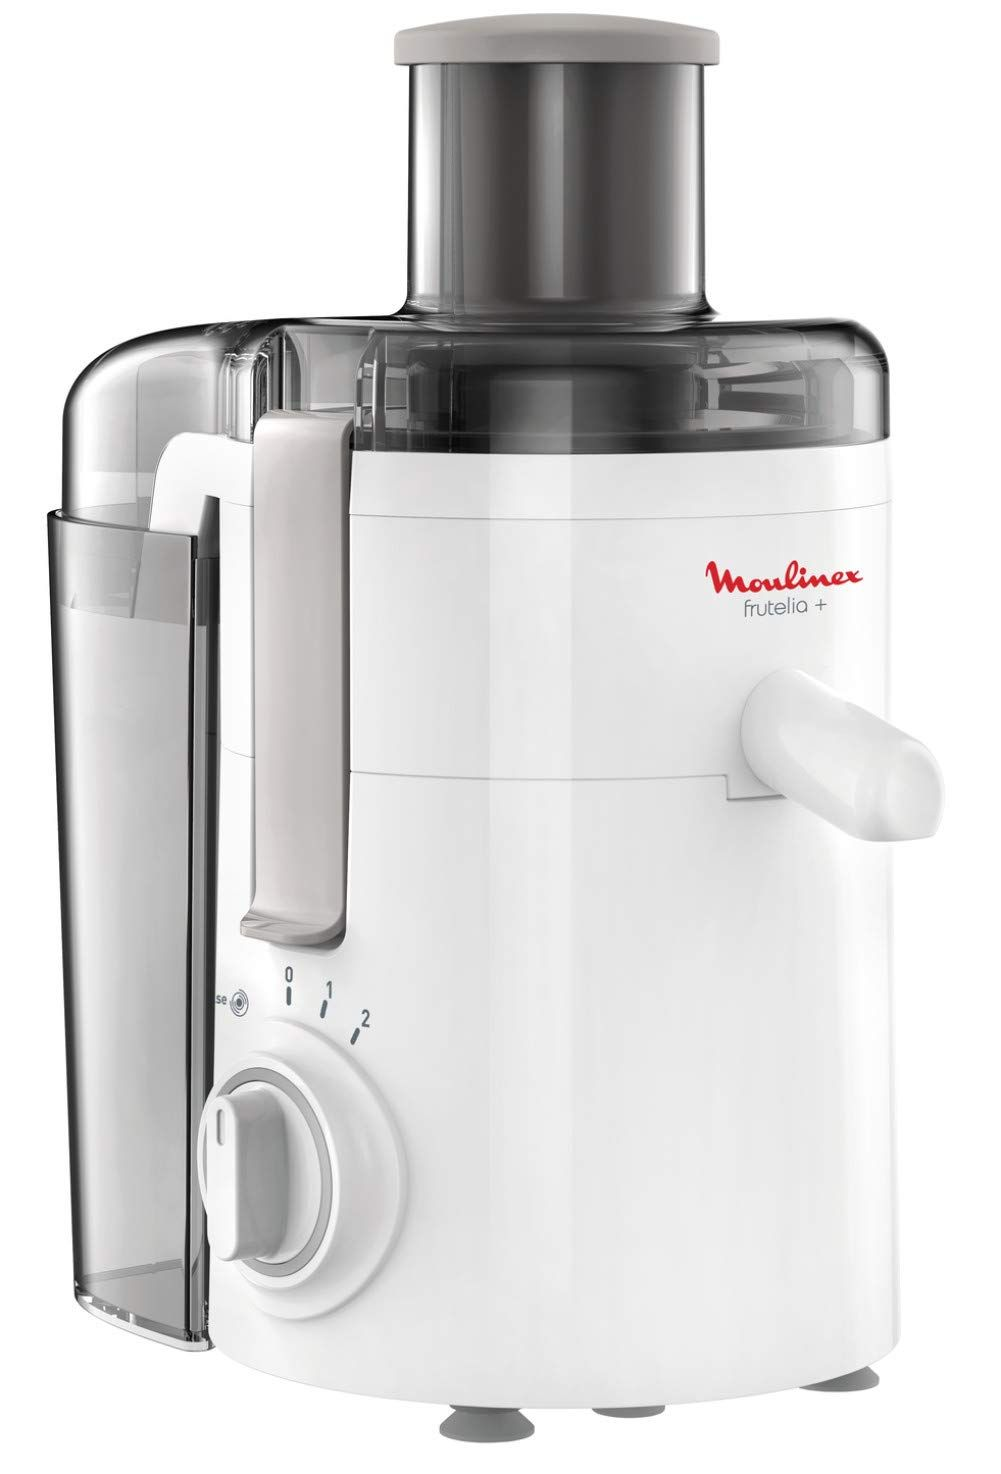 Moulinex Frutelia Entsafter 350 W 0 95 Liter Plastic In 2020 Entsafter Kaufen Entsafter Test Entsafter